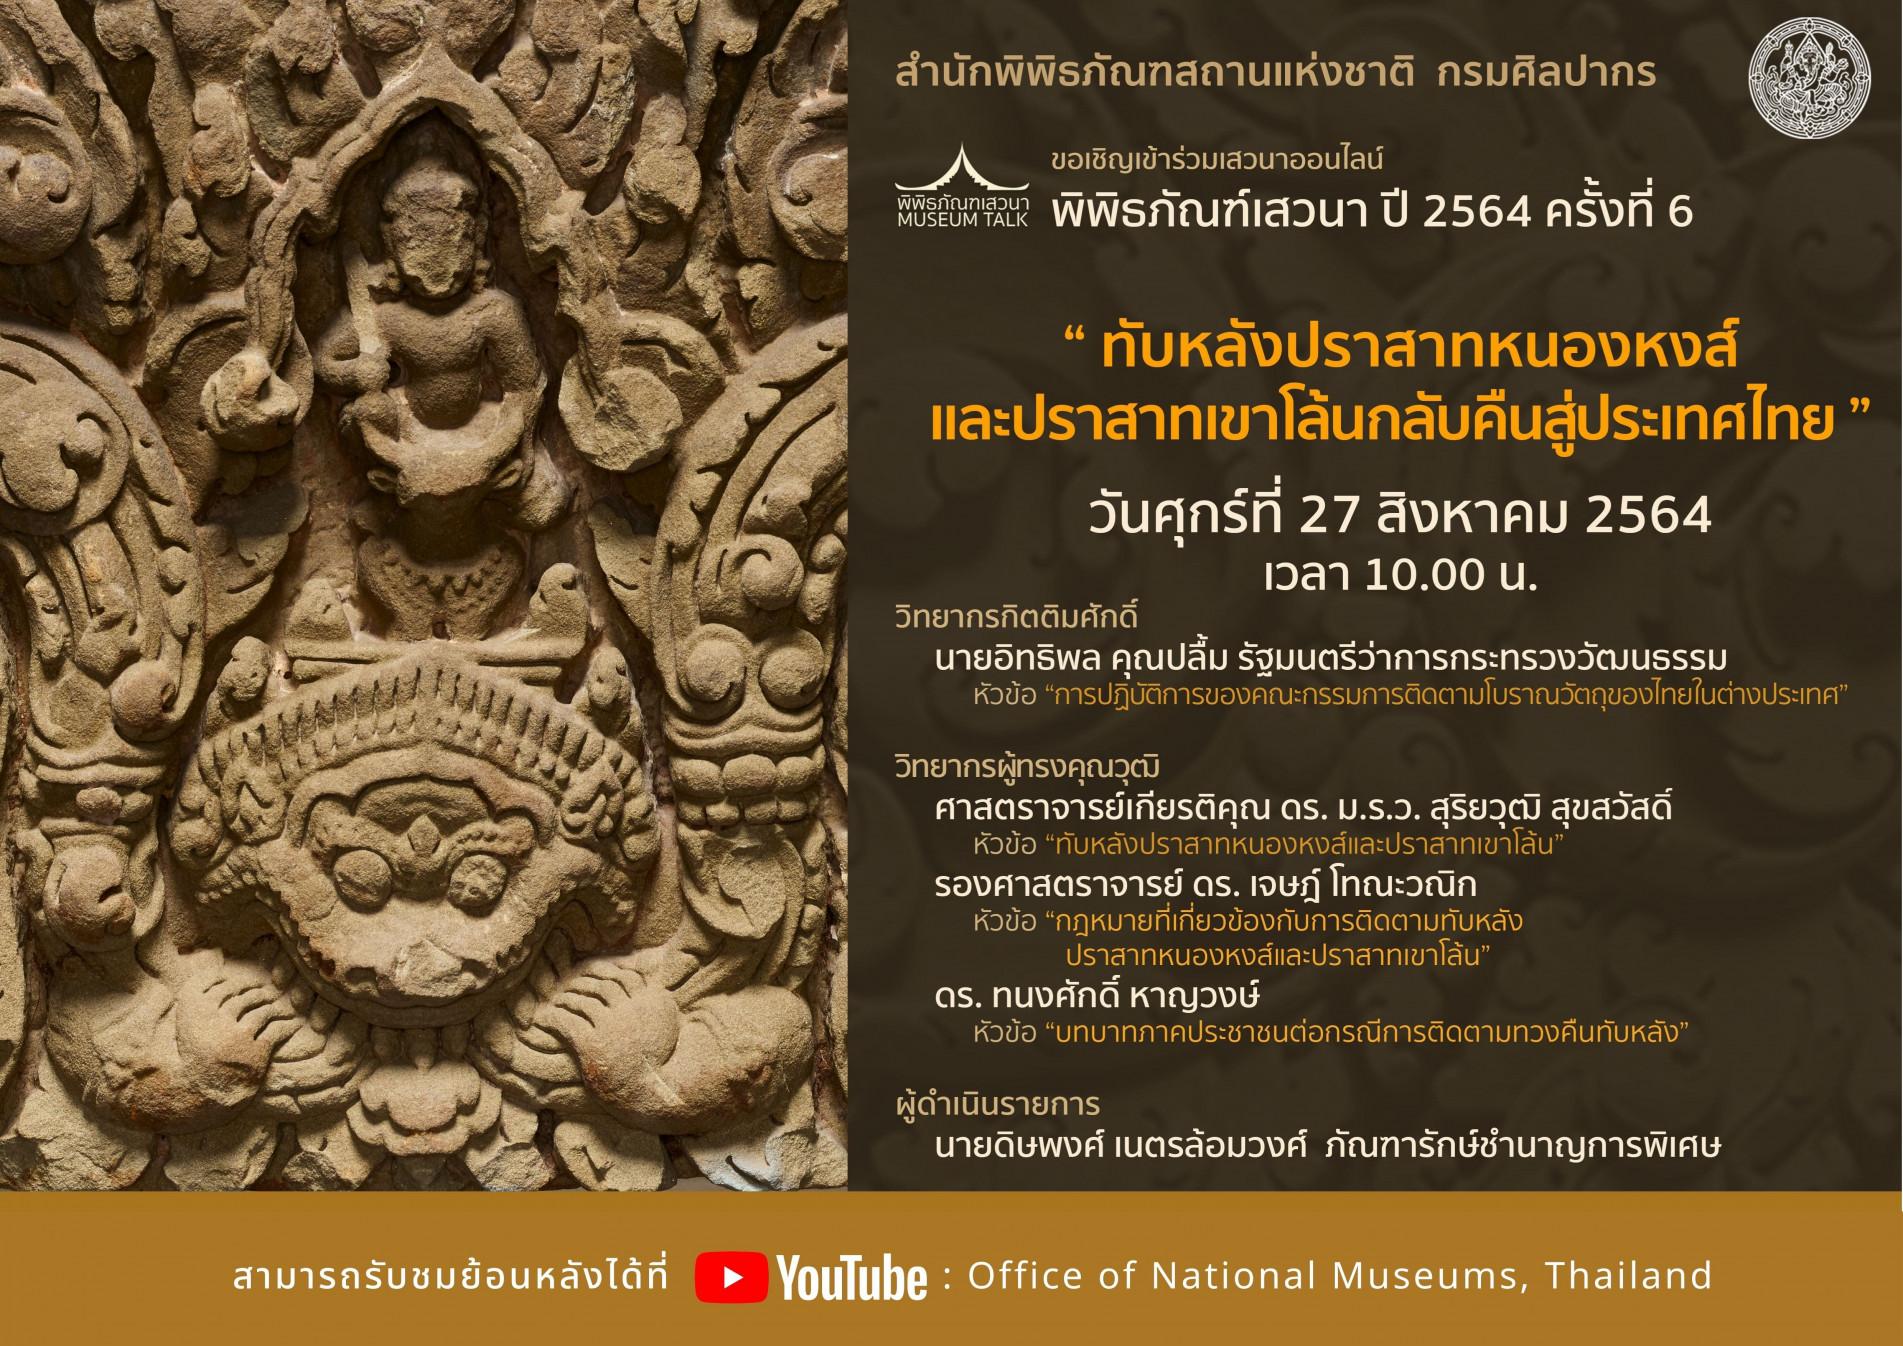 MuseumTalk 6/2564 : ทับหลังปราสาทหนองหงส์และปราสาทเขาโล้นกลับคืนสู่ประเทศไทย